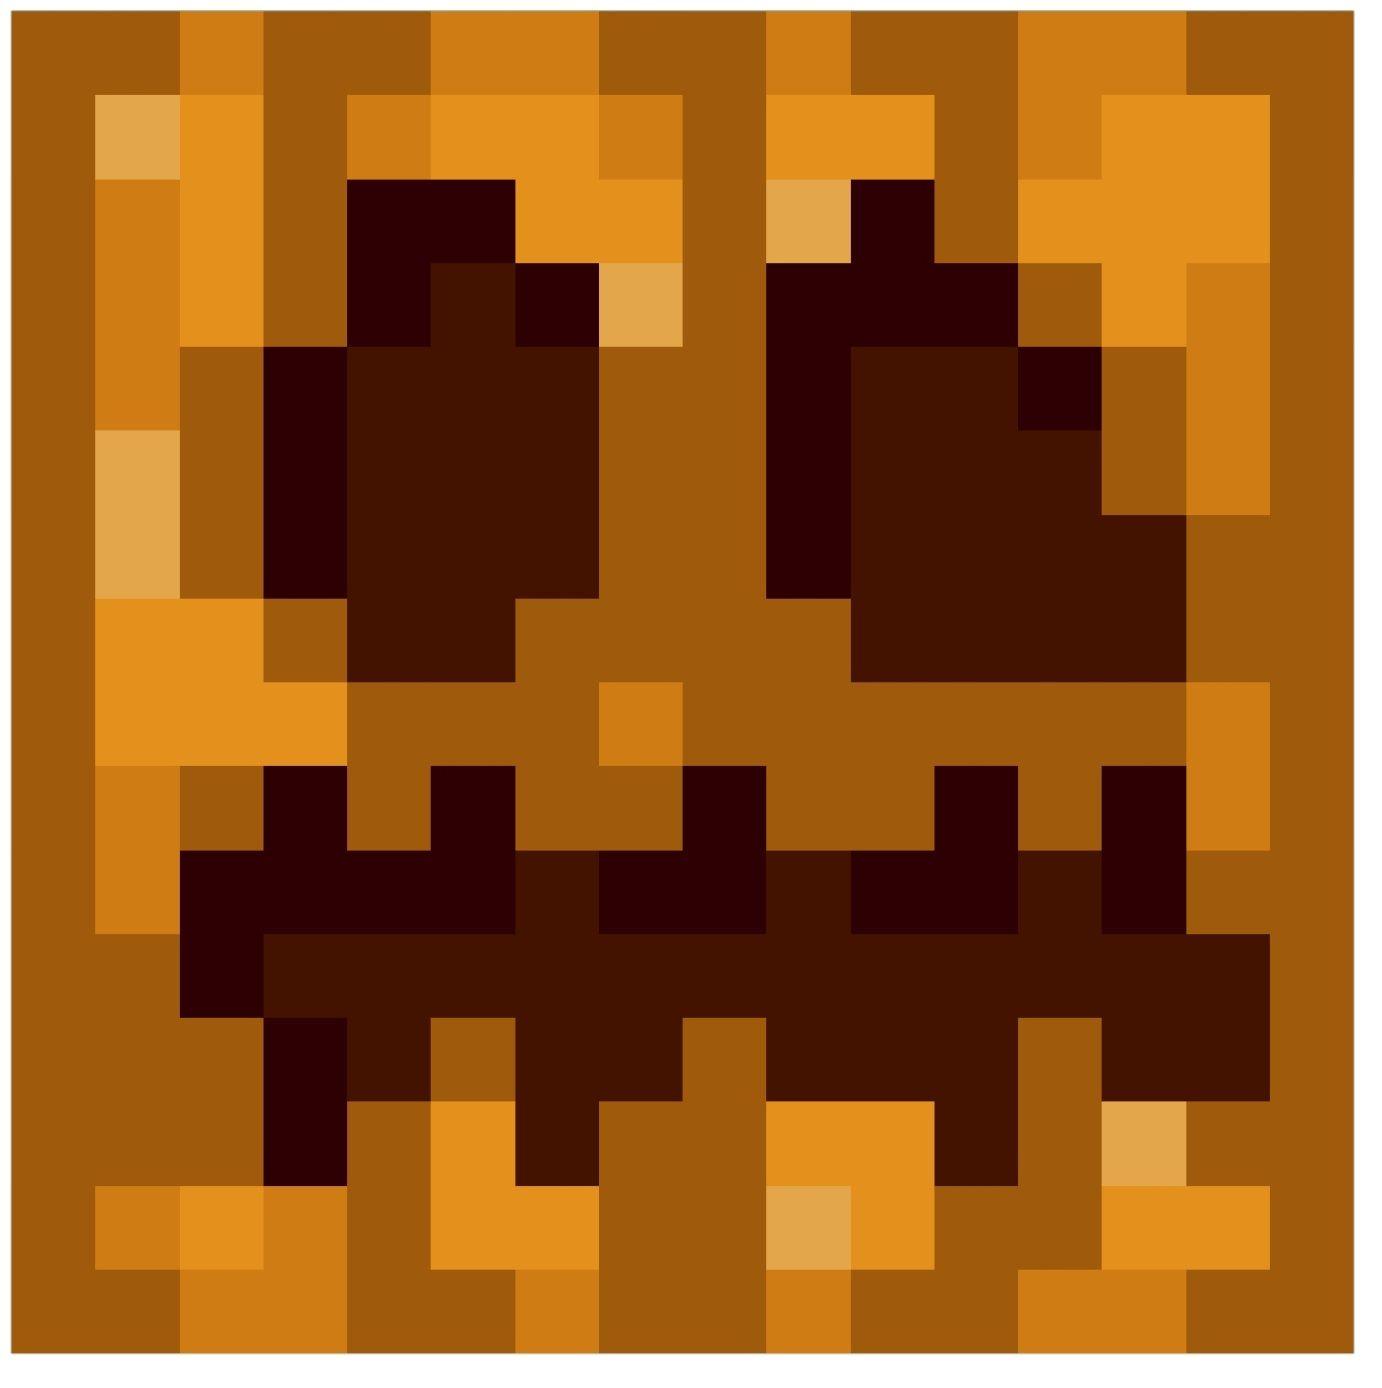 Minecraft Zombie Head Pixel Art Micro Usb B